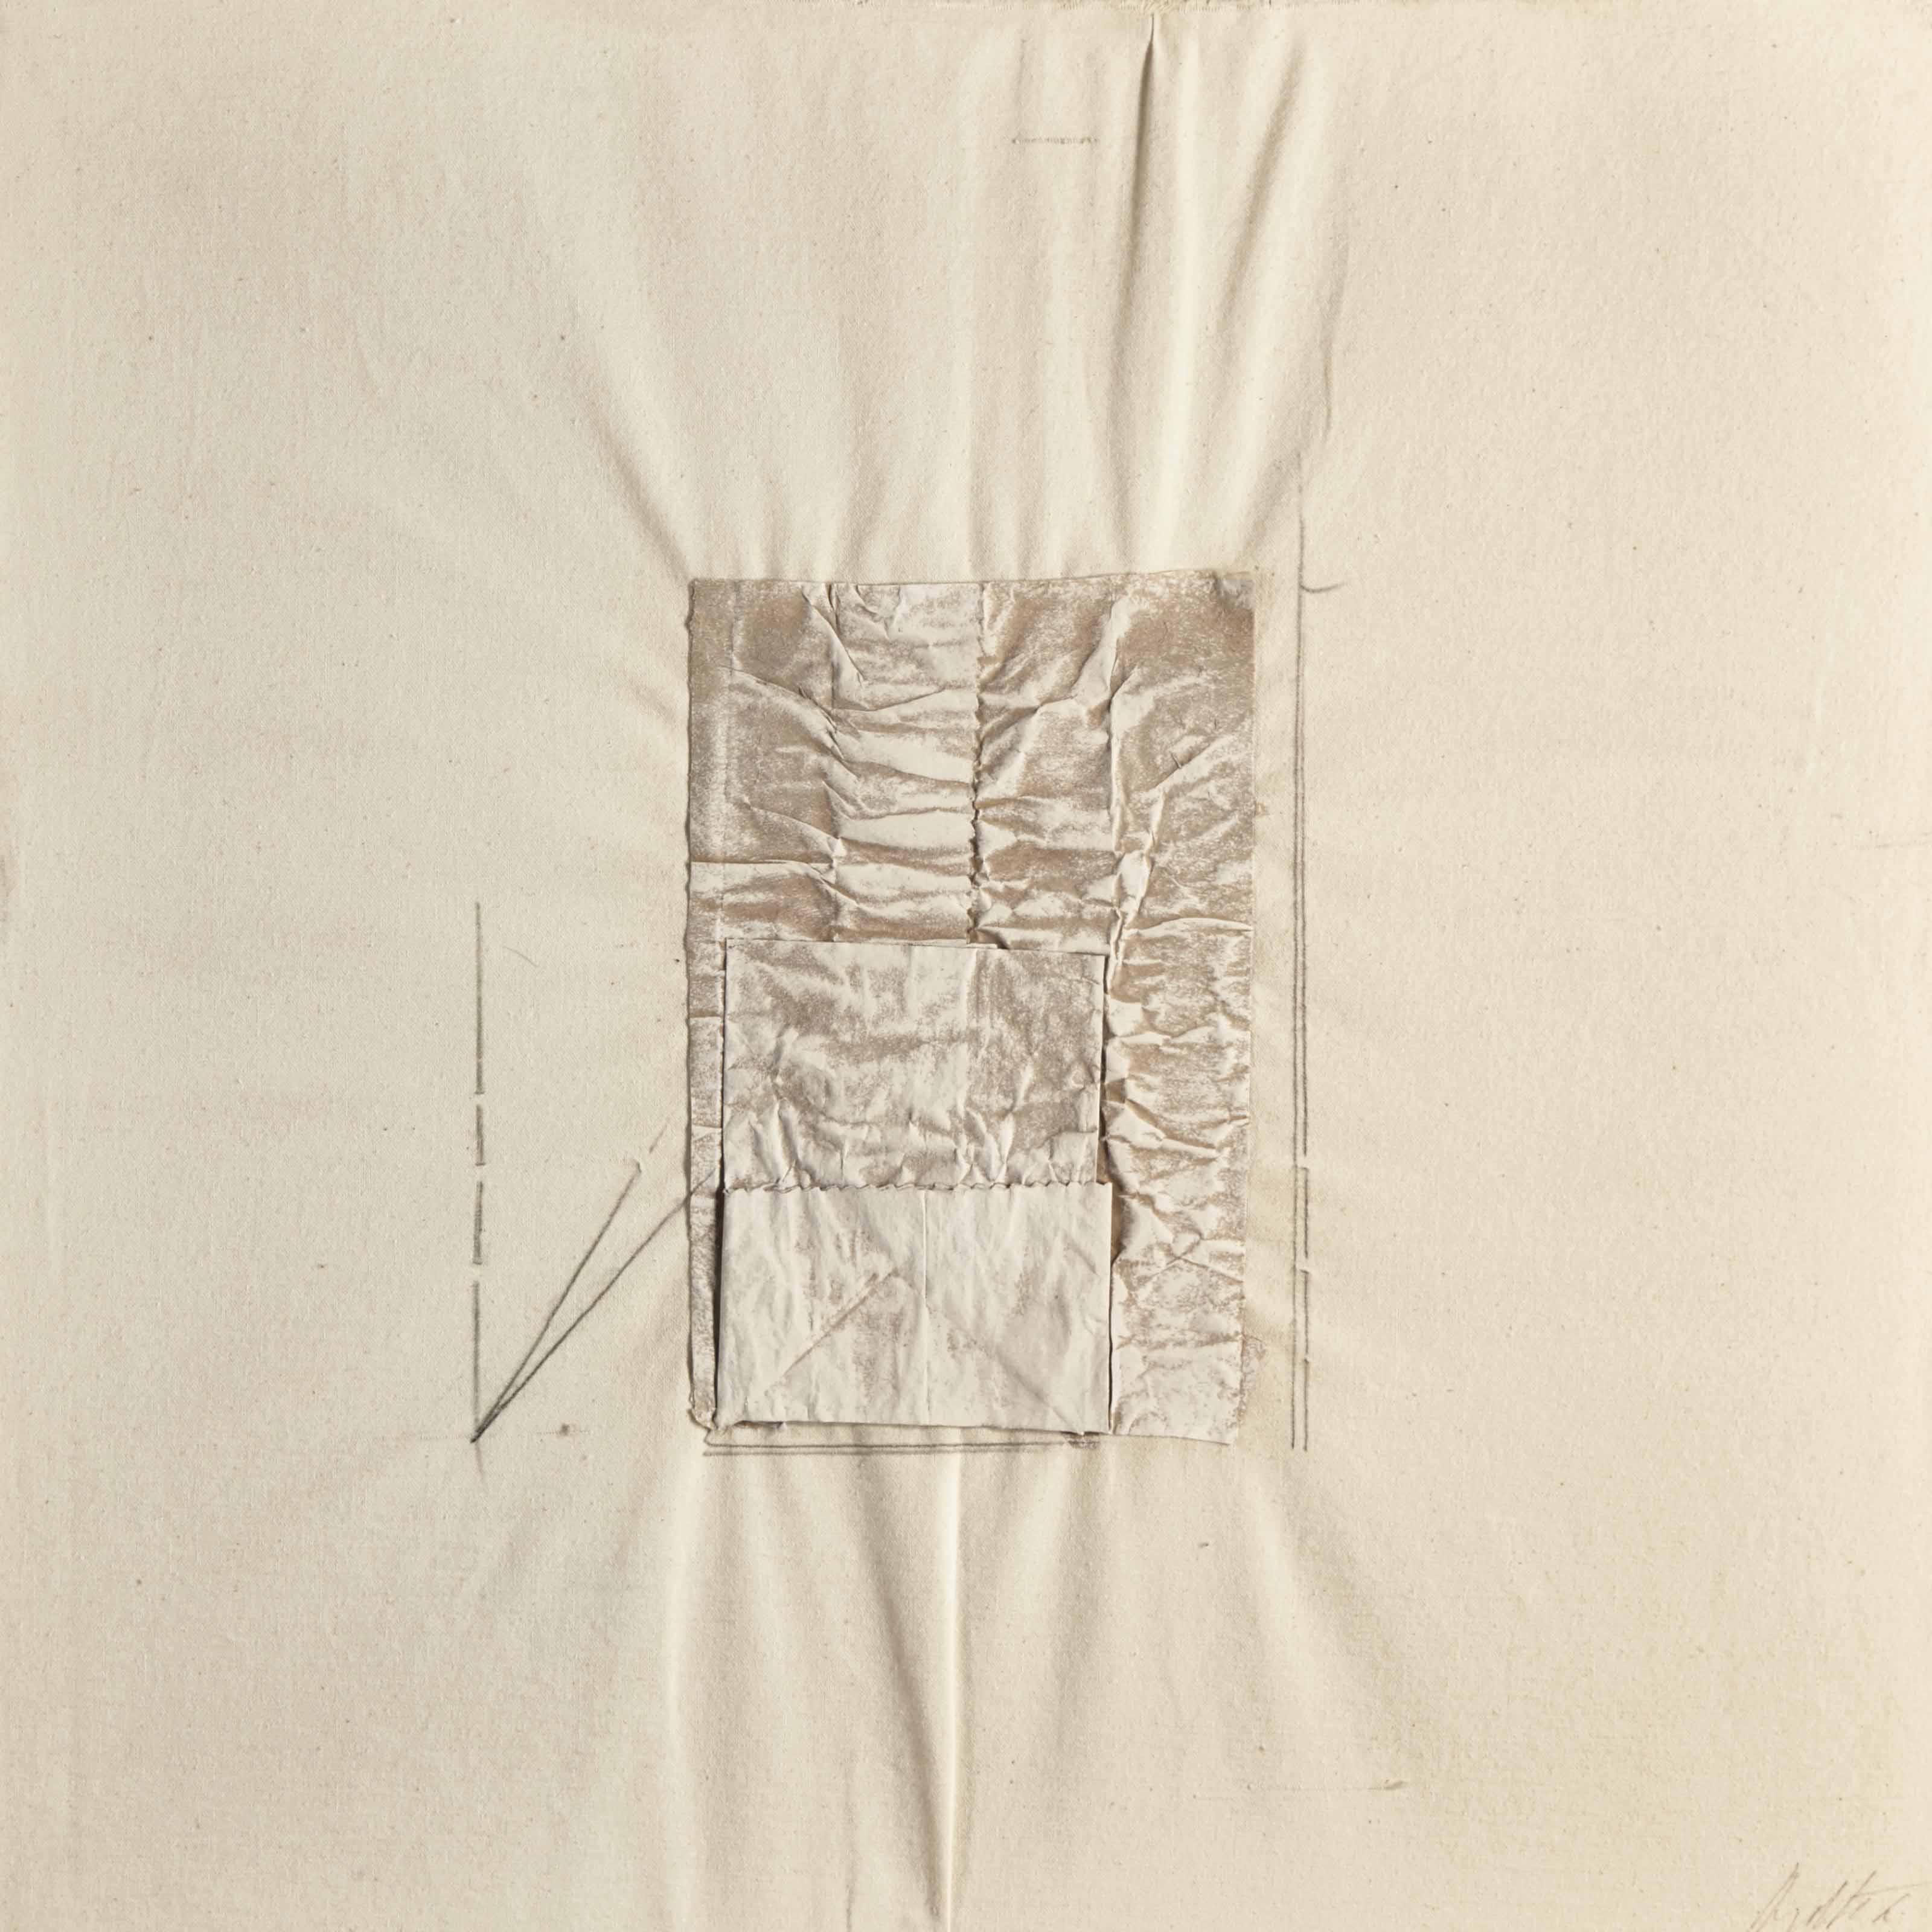 JEAN DEGOTTEX (1918-1988)